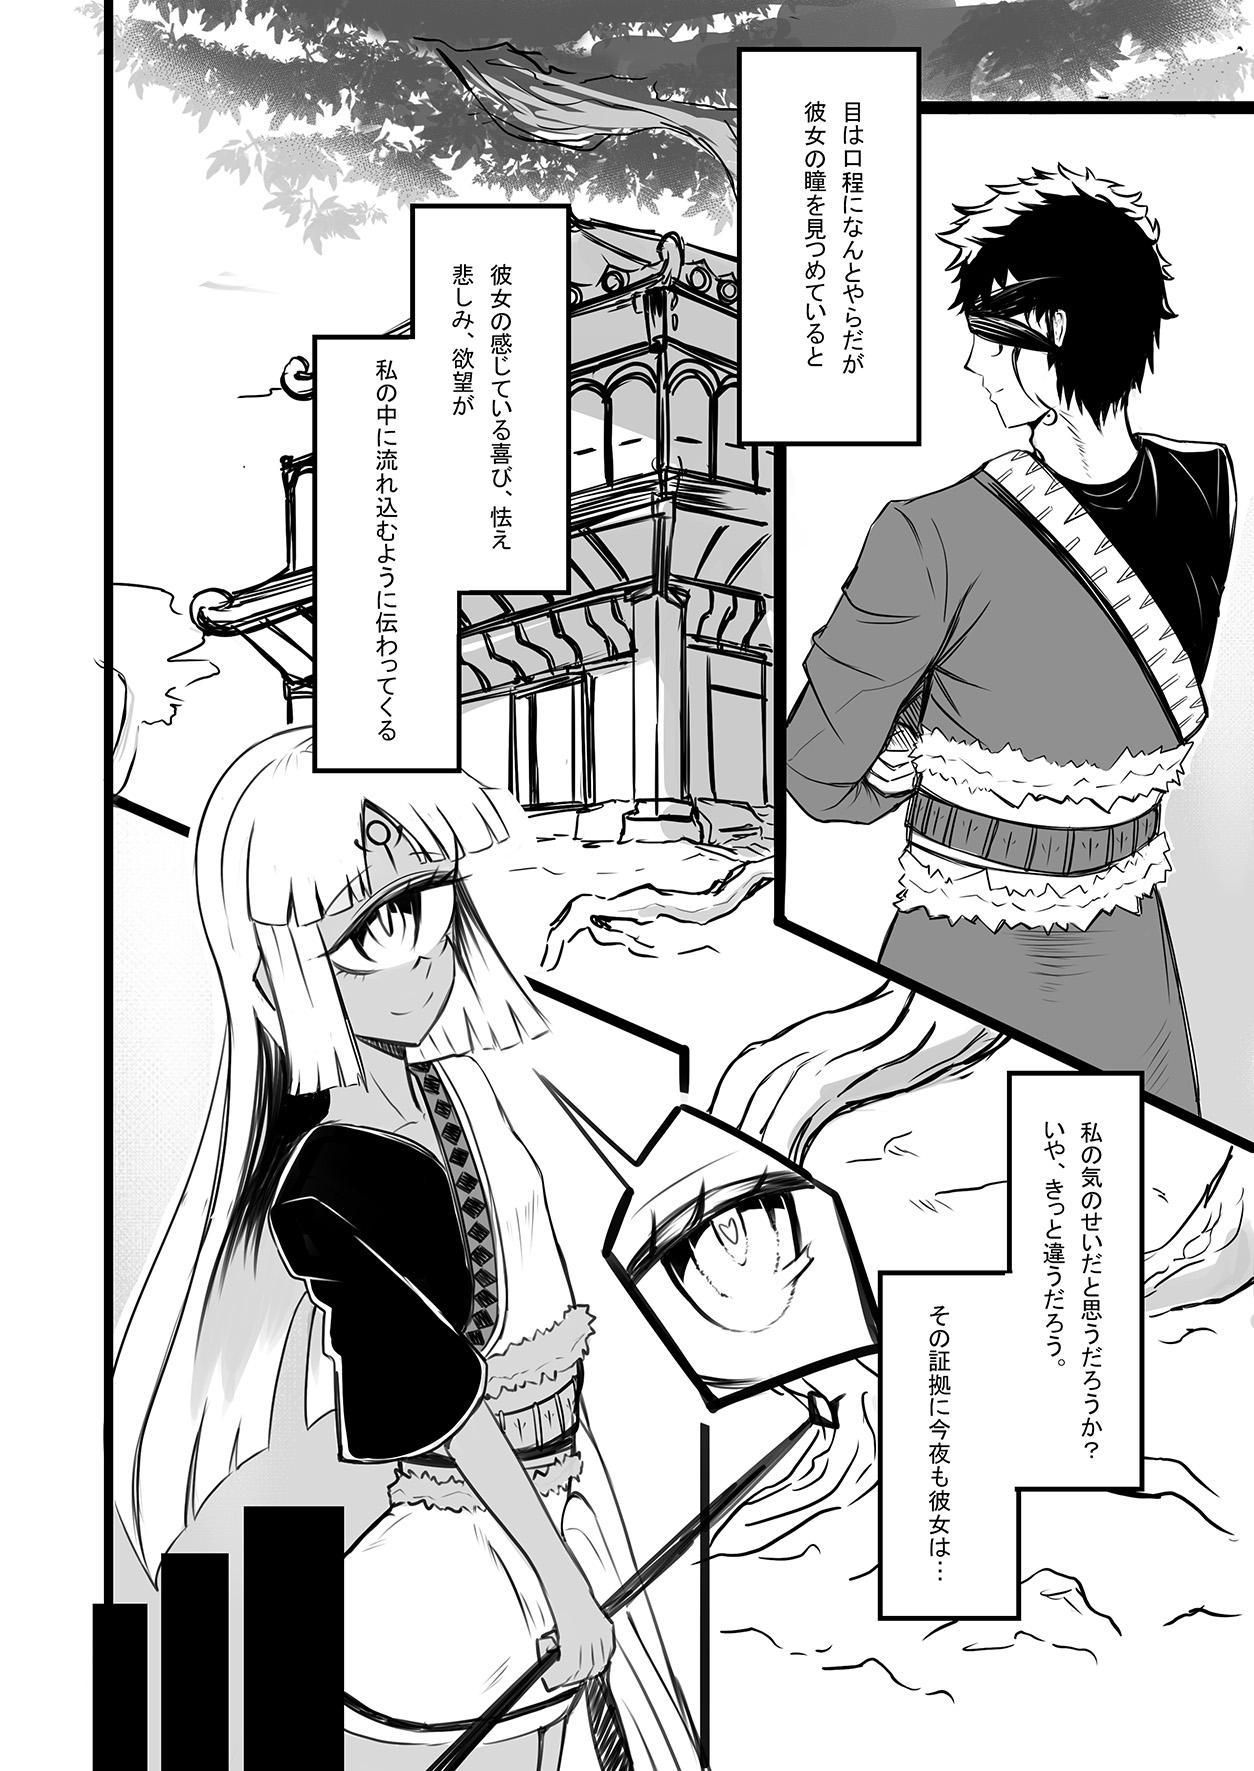 Hitomi wa Hisoyaka ni Utau 5